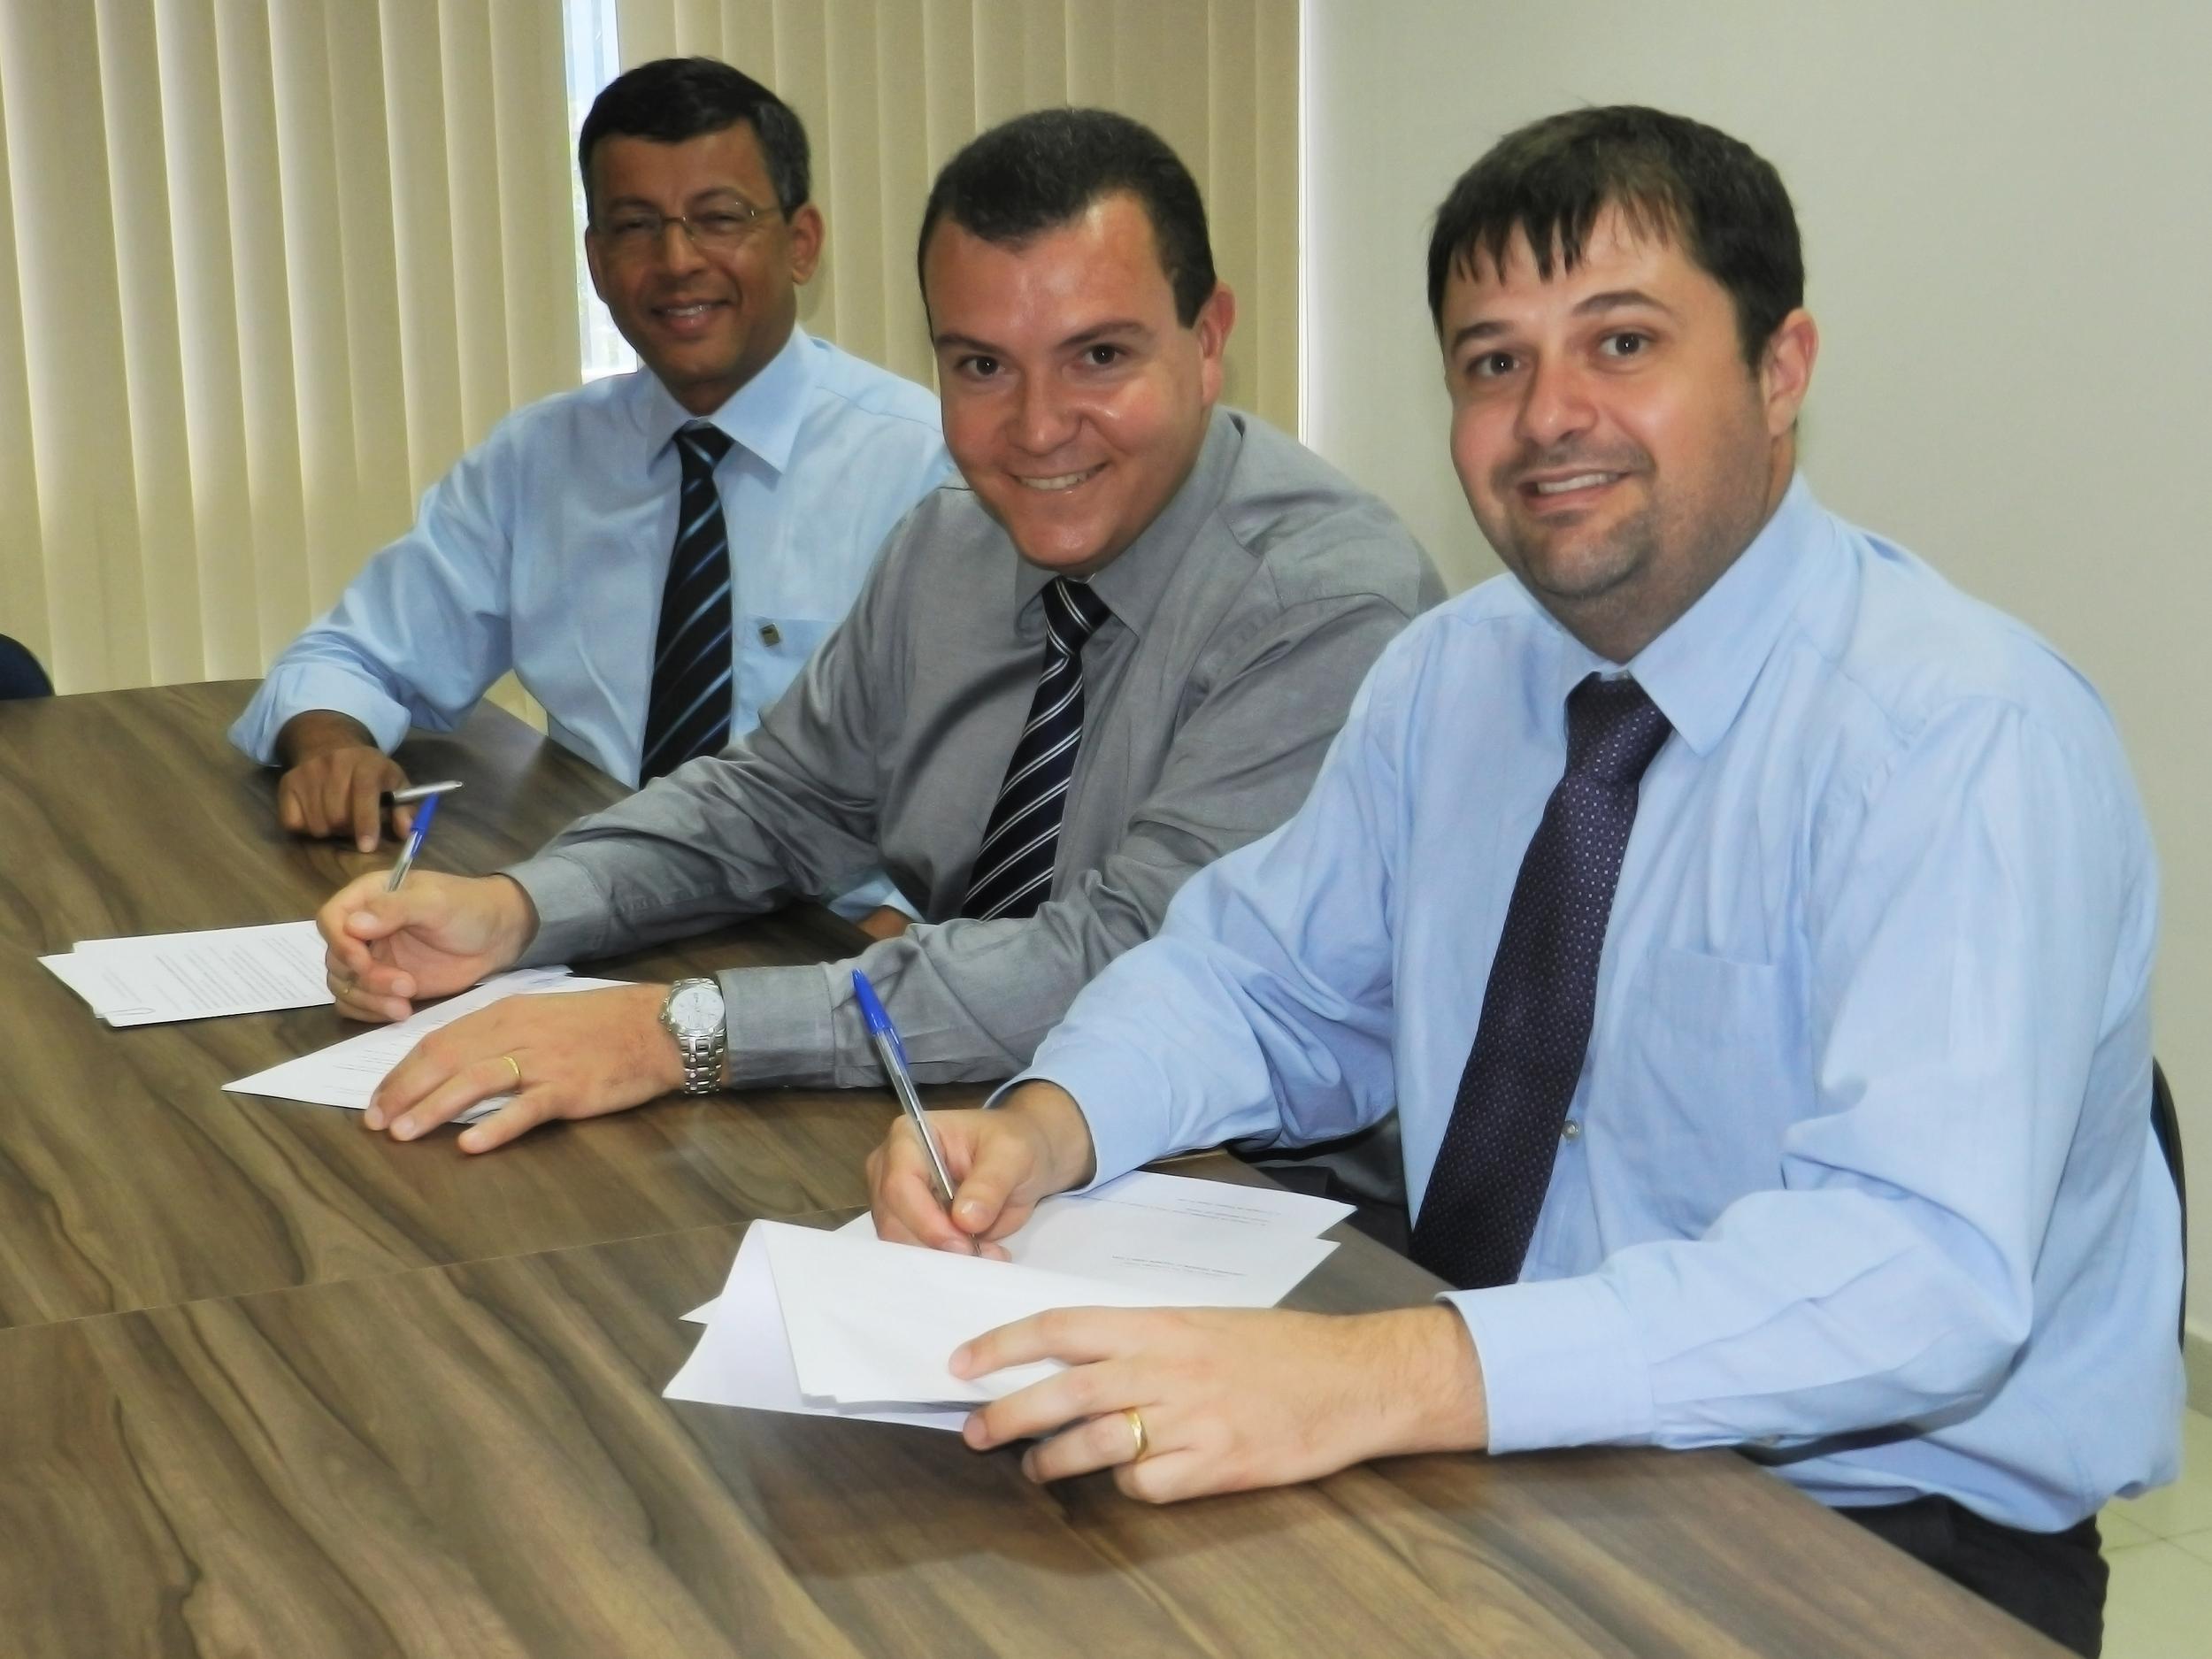 Os presidentes da Assecor, ANESP e AACE, Eduardo Rodrigues, João Aurélio e Marcelo Reis. Foto: Assecor